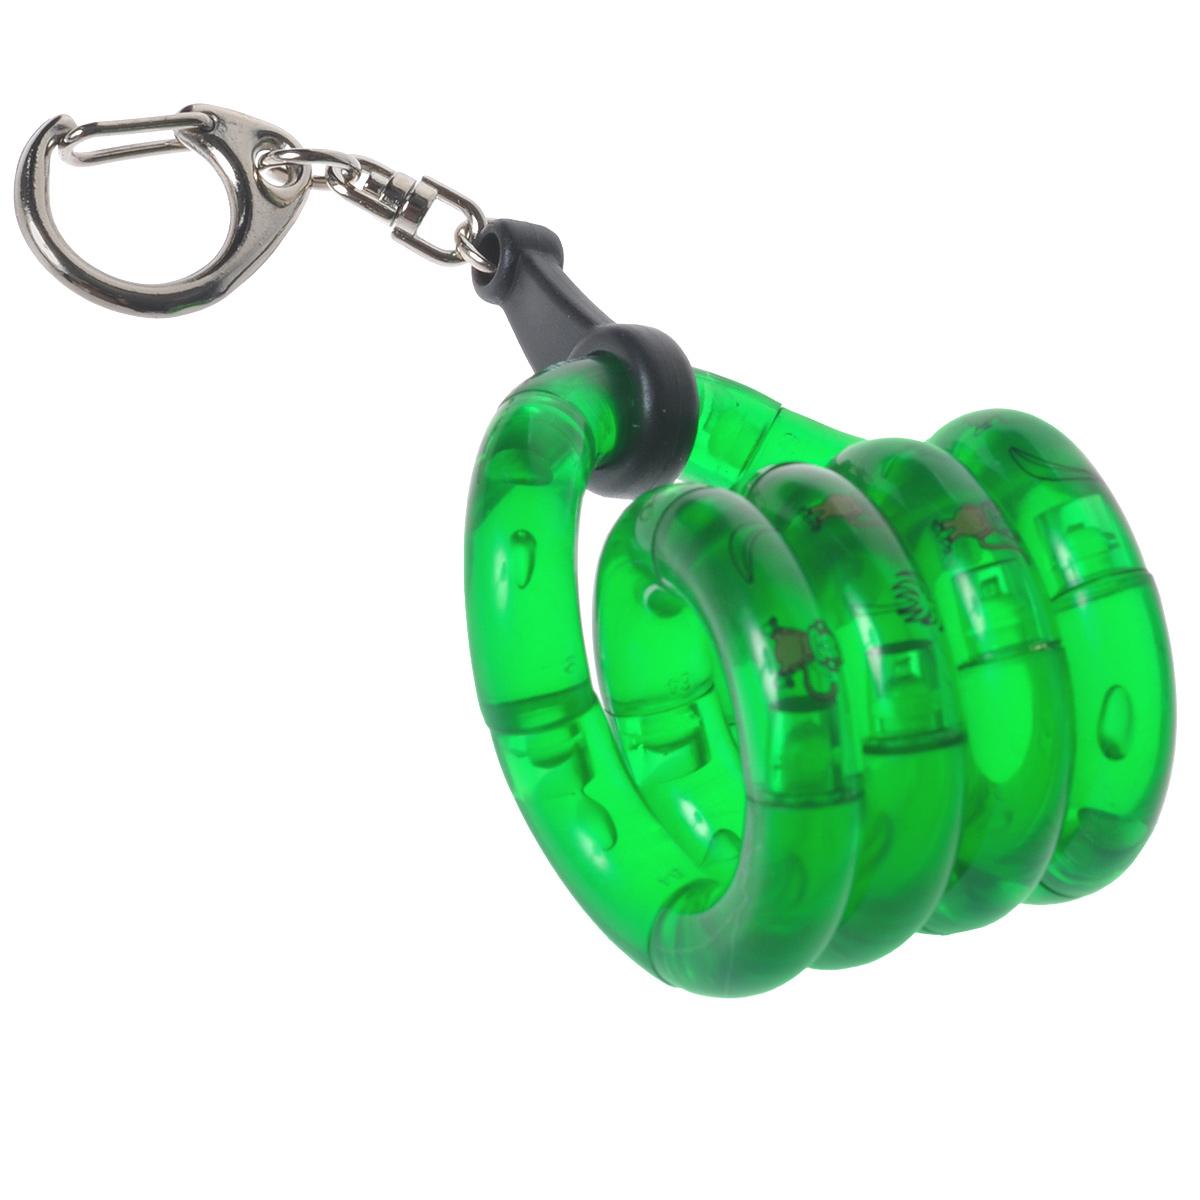 Змейка-брелок Tangle. Юниор, цвет: зеленыйТГ12568/greenЗмейка-брелок Tangle станет полезным подарком не только ребенку, но и взрослому. Пластиковая змейка скручивается в любую форму. Дополнена змейка кольцом с карабином для ключей. Игра со змейкой развивает воображение и внимательность, а также способствует развитию мелкой моторики рук.